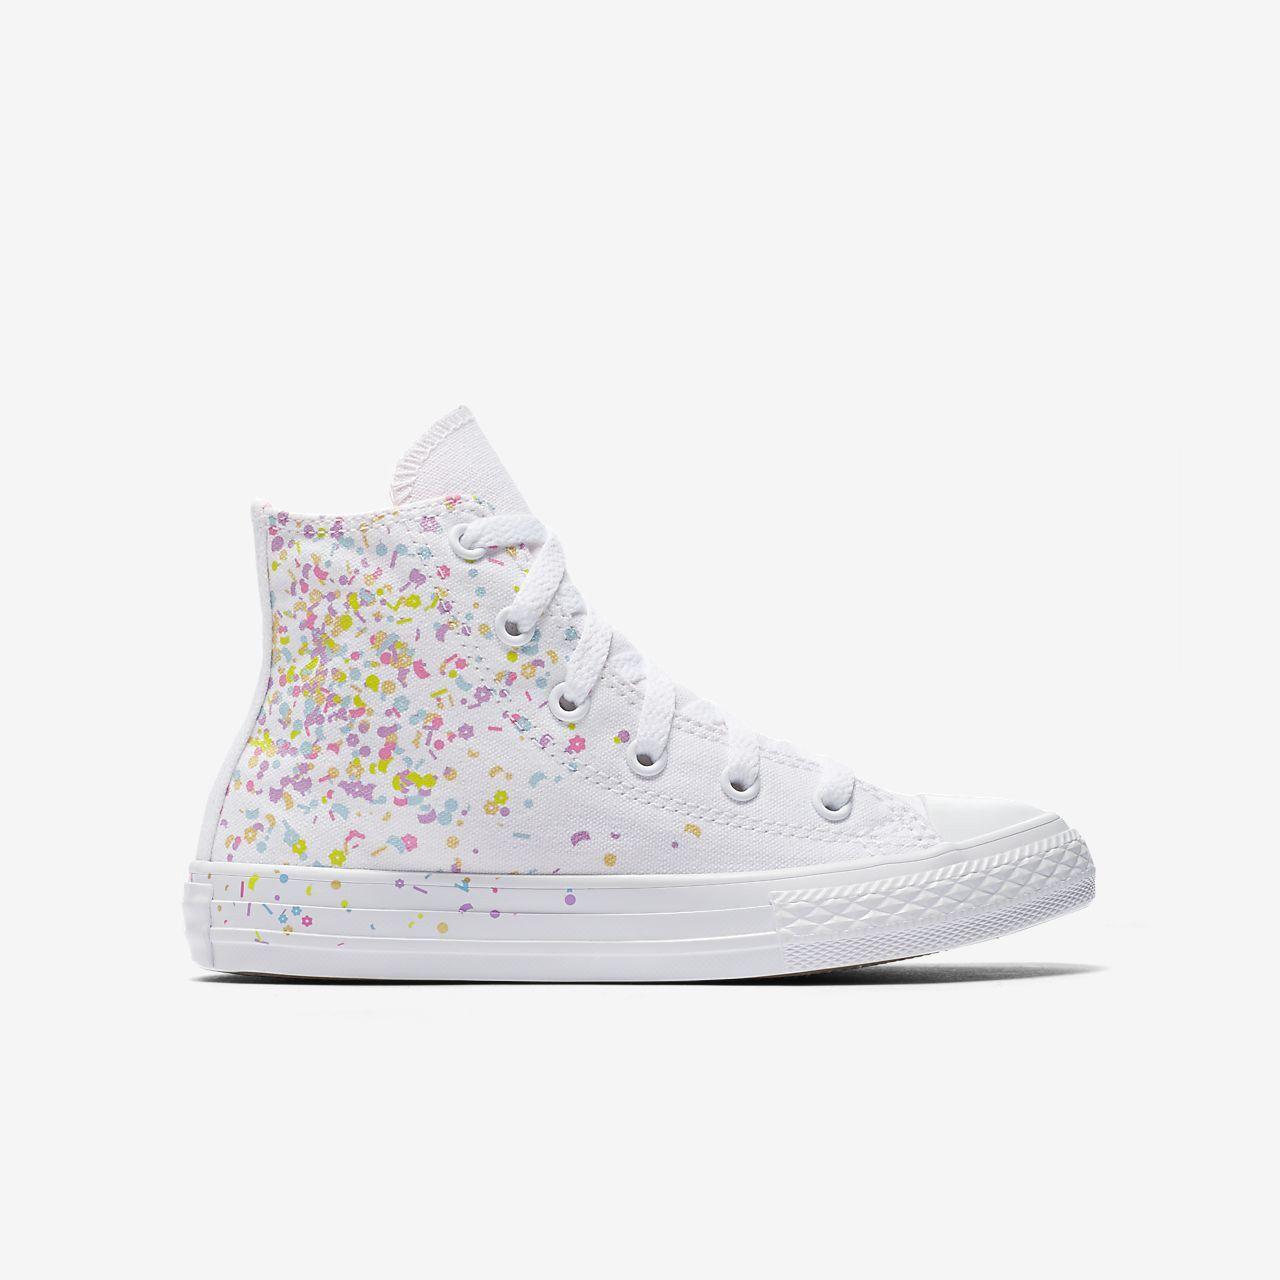 Converse Chuck Taylor All Star Birthday Confetti High Top Girls  Shoe - 5Y fdcf217b7